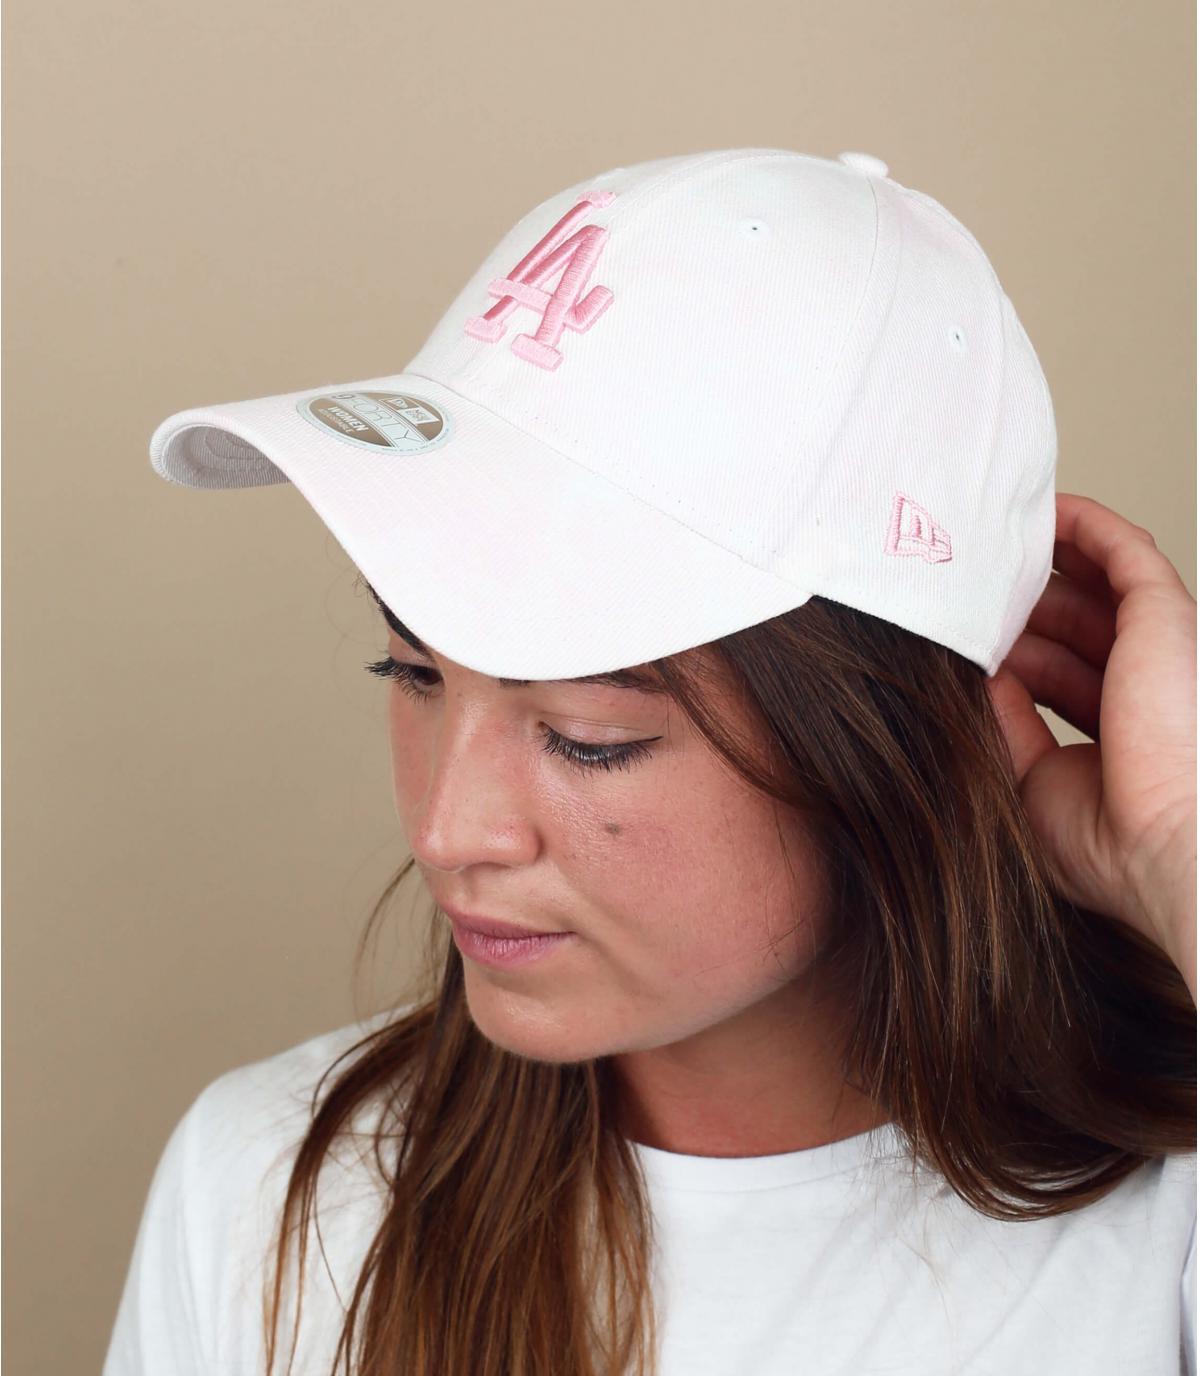 cappellino LA bianco rosa